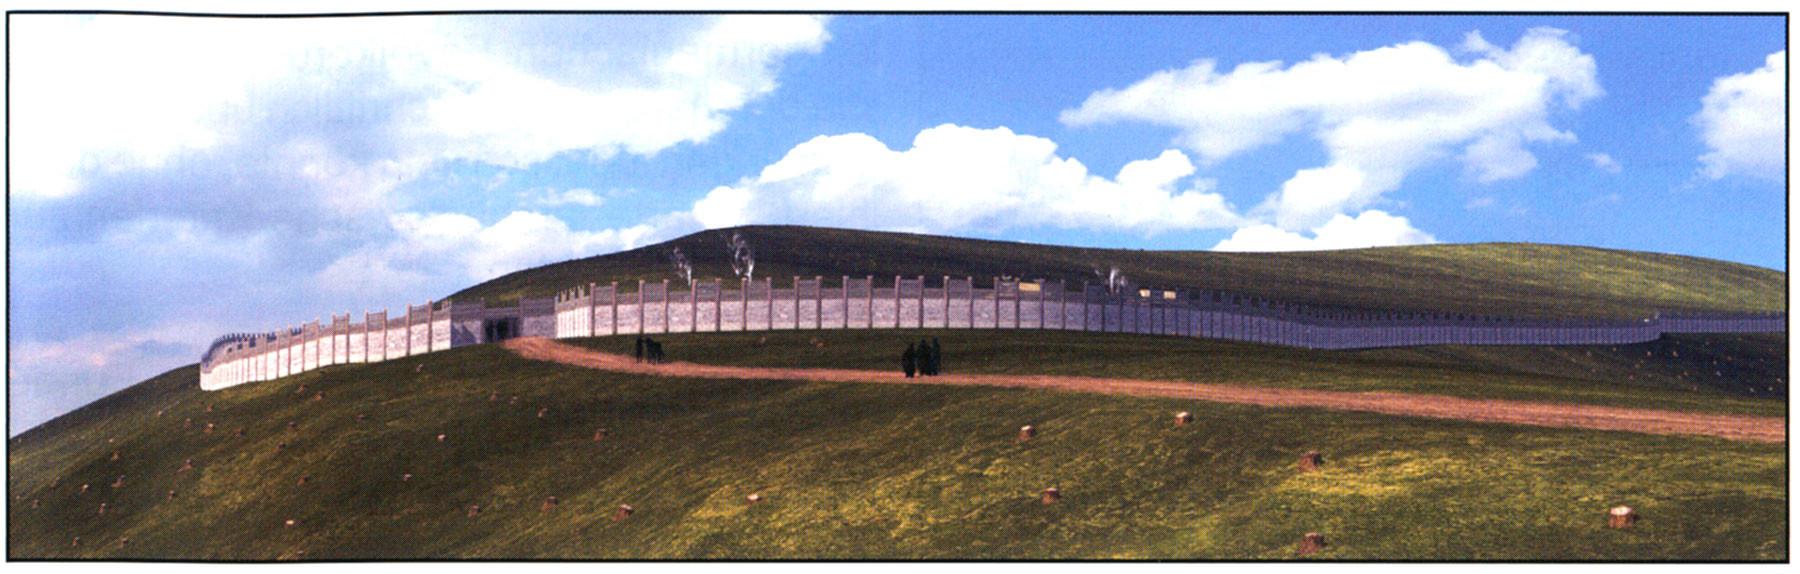 Virtuelle Rekonstruktion der Befestigungsmauer des germanischen Fürstensitzes auf dem Berg um das Jahr 400 n.Chr.